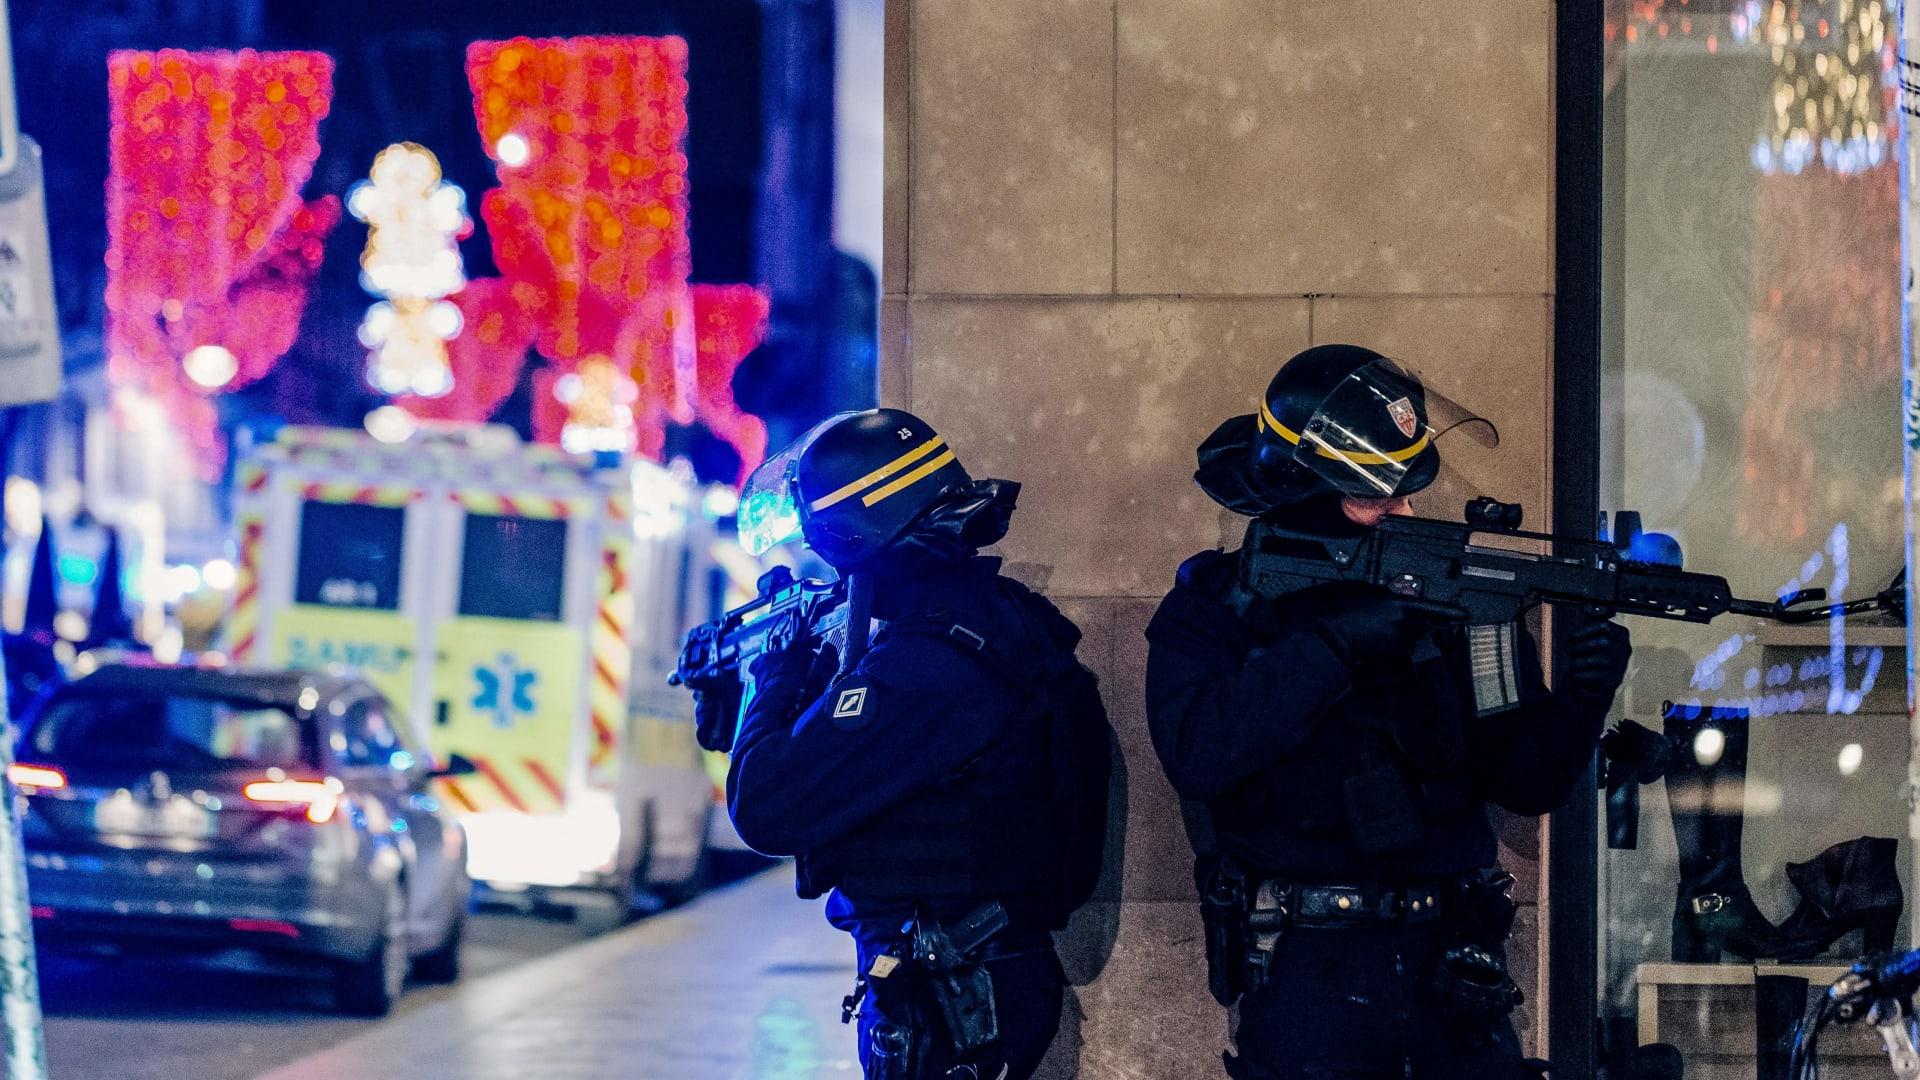 استنفار رجال الشرطة الفرنسية في شوارع ستراسبورغ